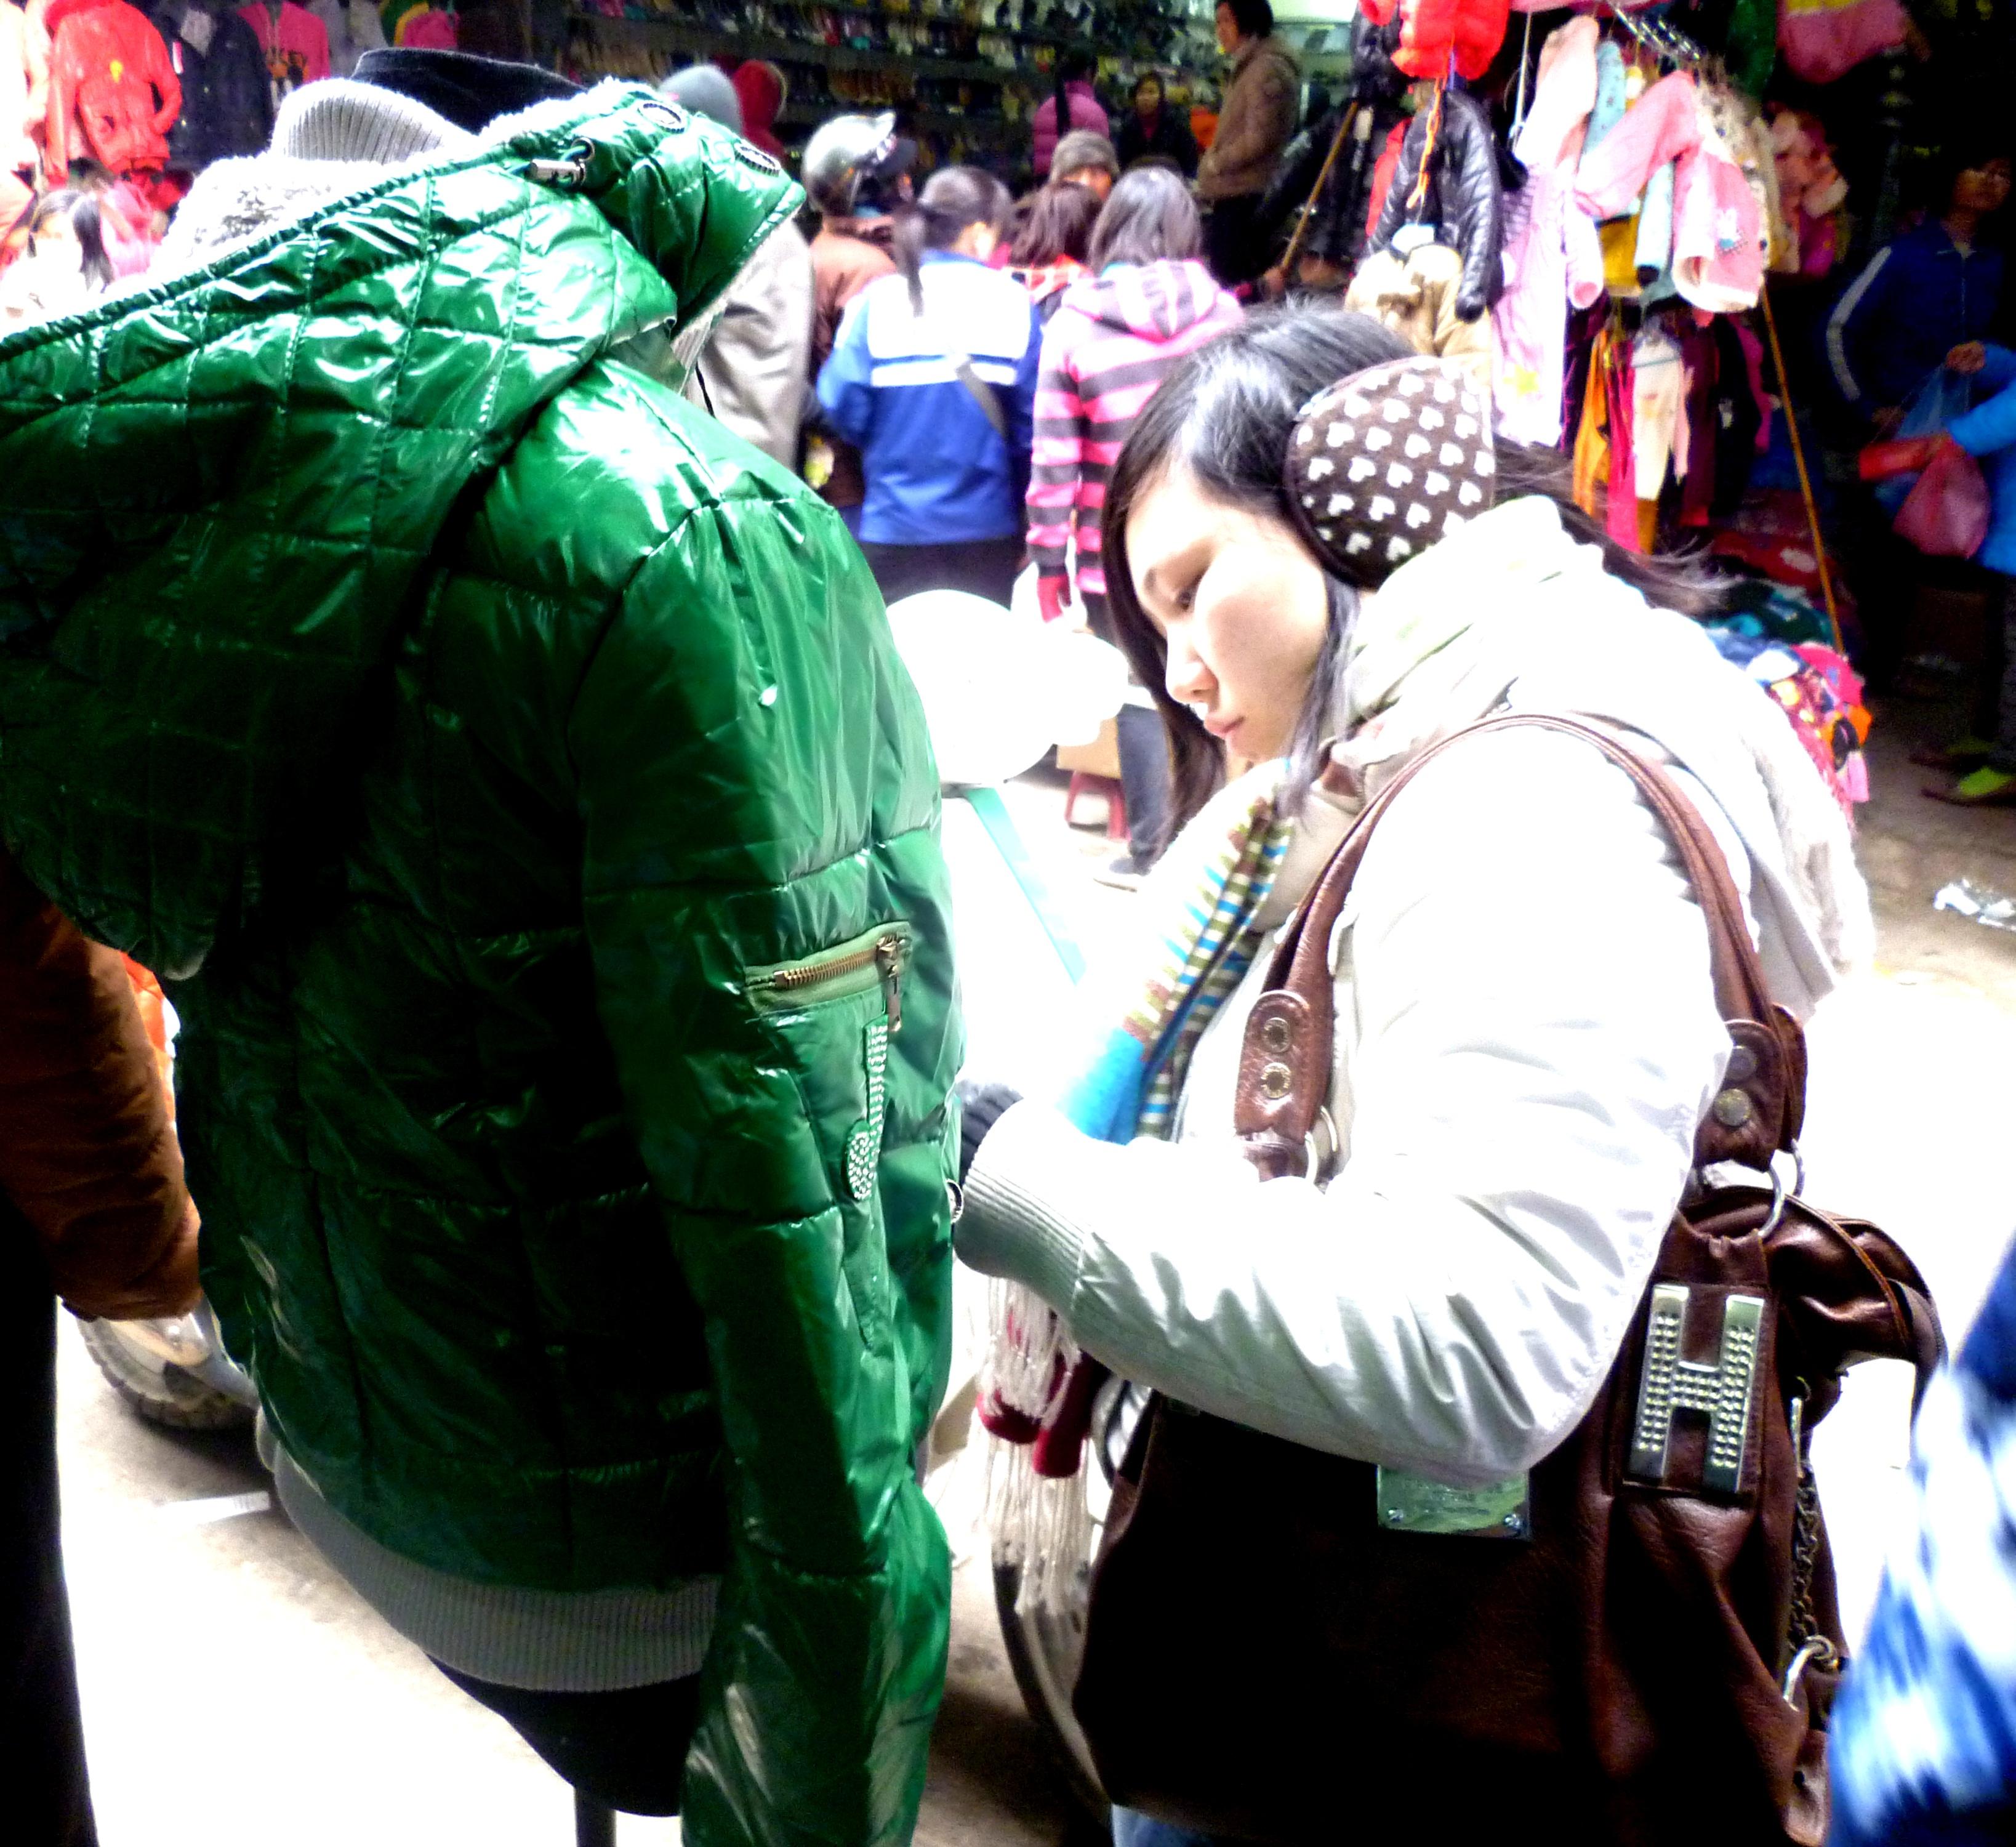 Hình ảnh Cuối năm: Vào chợ đầu mối, săn quần áo giá rẻ số 9